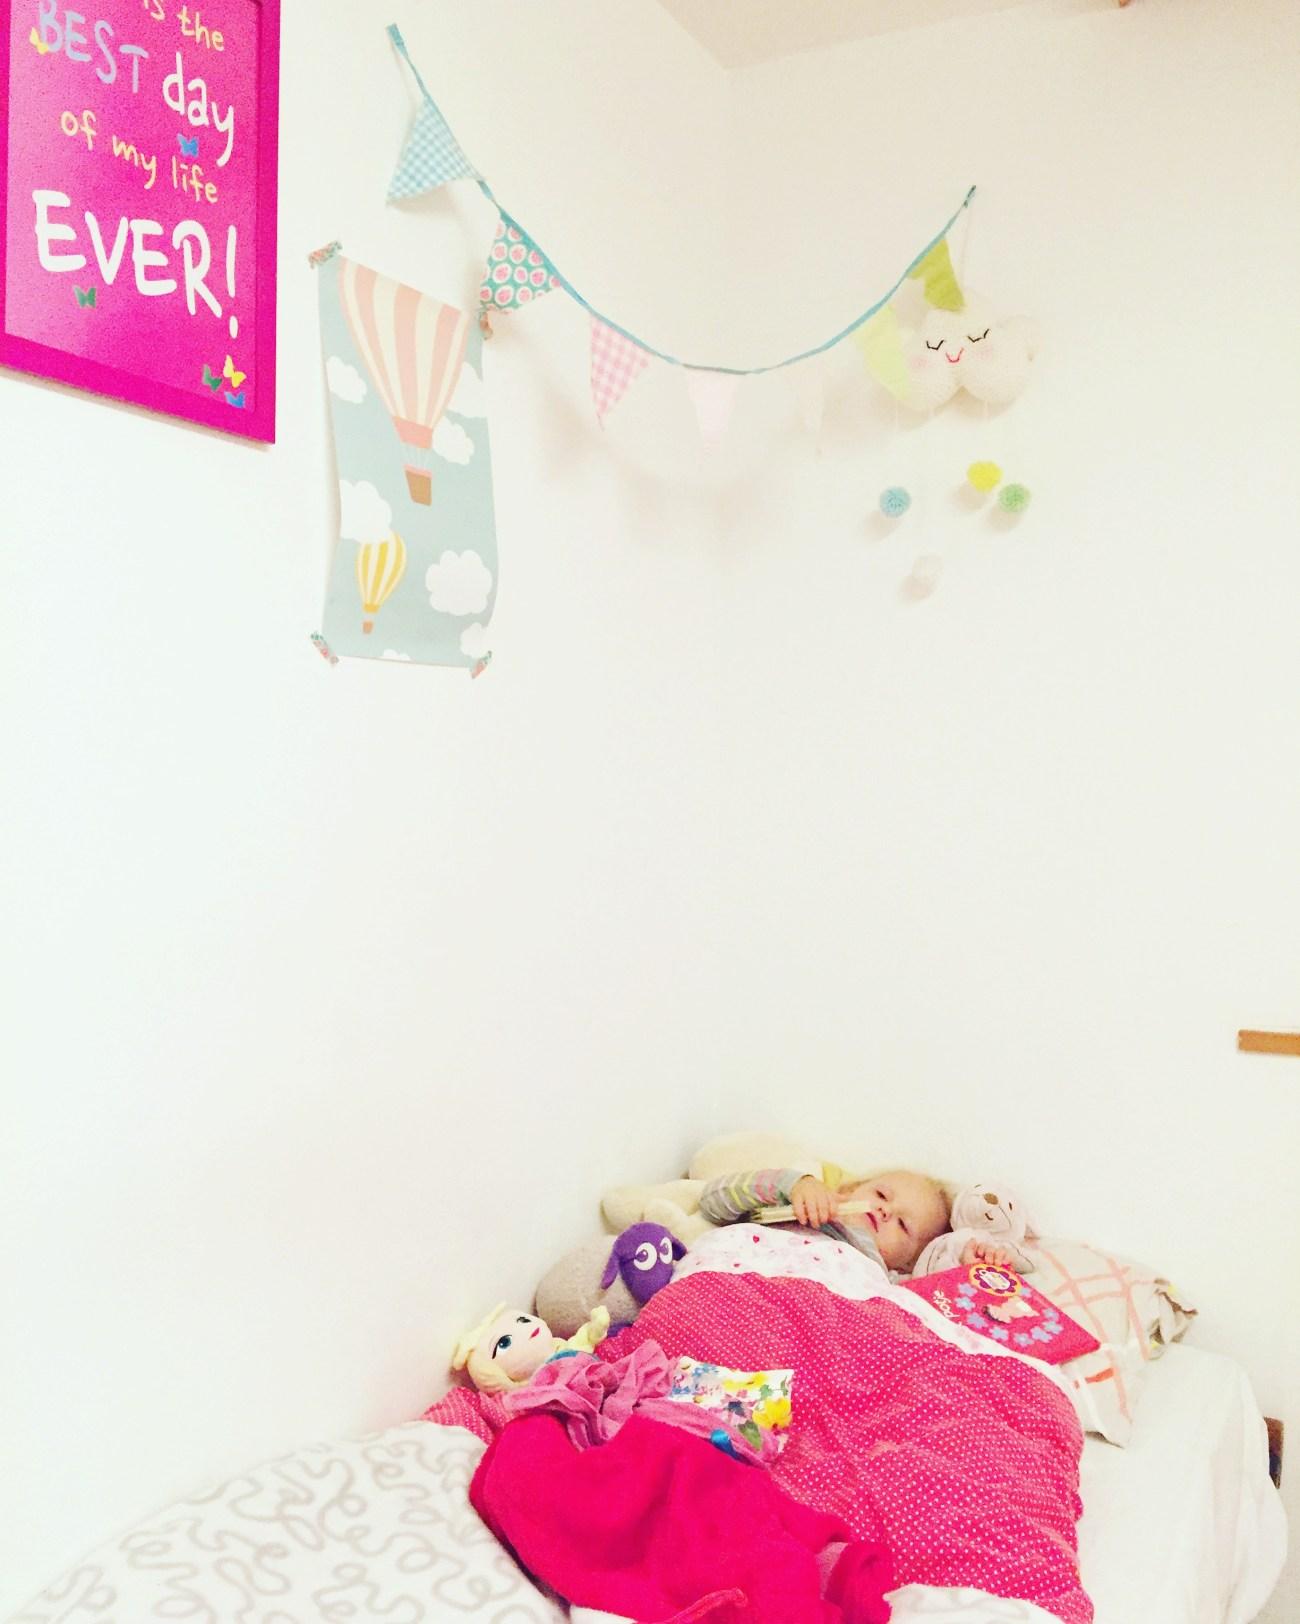 Het mooie bed dat ik een paar foto's terug liet zien, ging maandagnacht kapot. Ik zakte er met mijn knie doorheen toen Liza wakker werd. Sneller dan verwacht moet ze nu in een groter bed. Gelukkig hadden we nog een logeerbed staan.